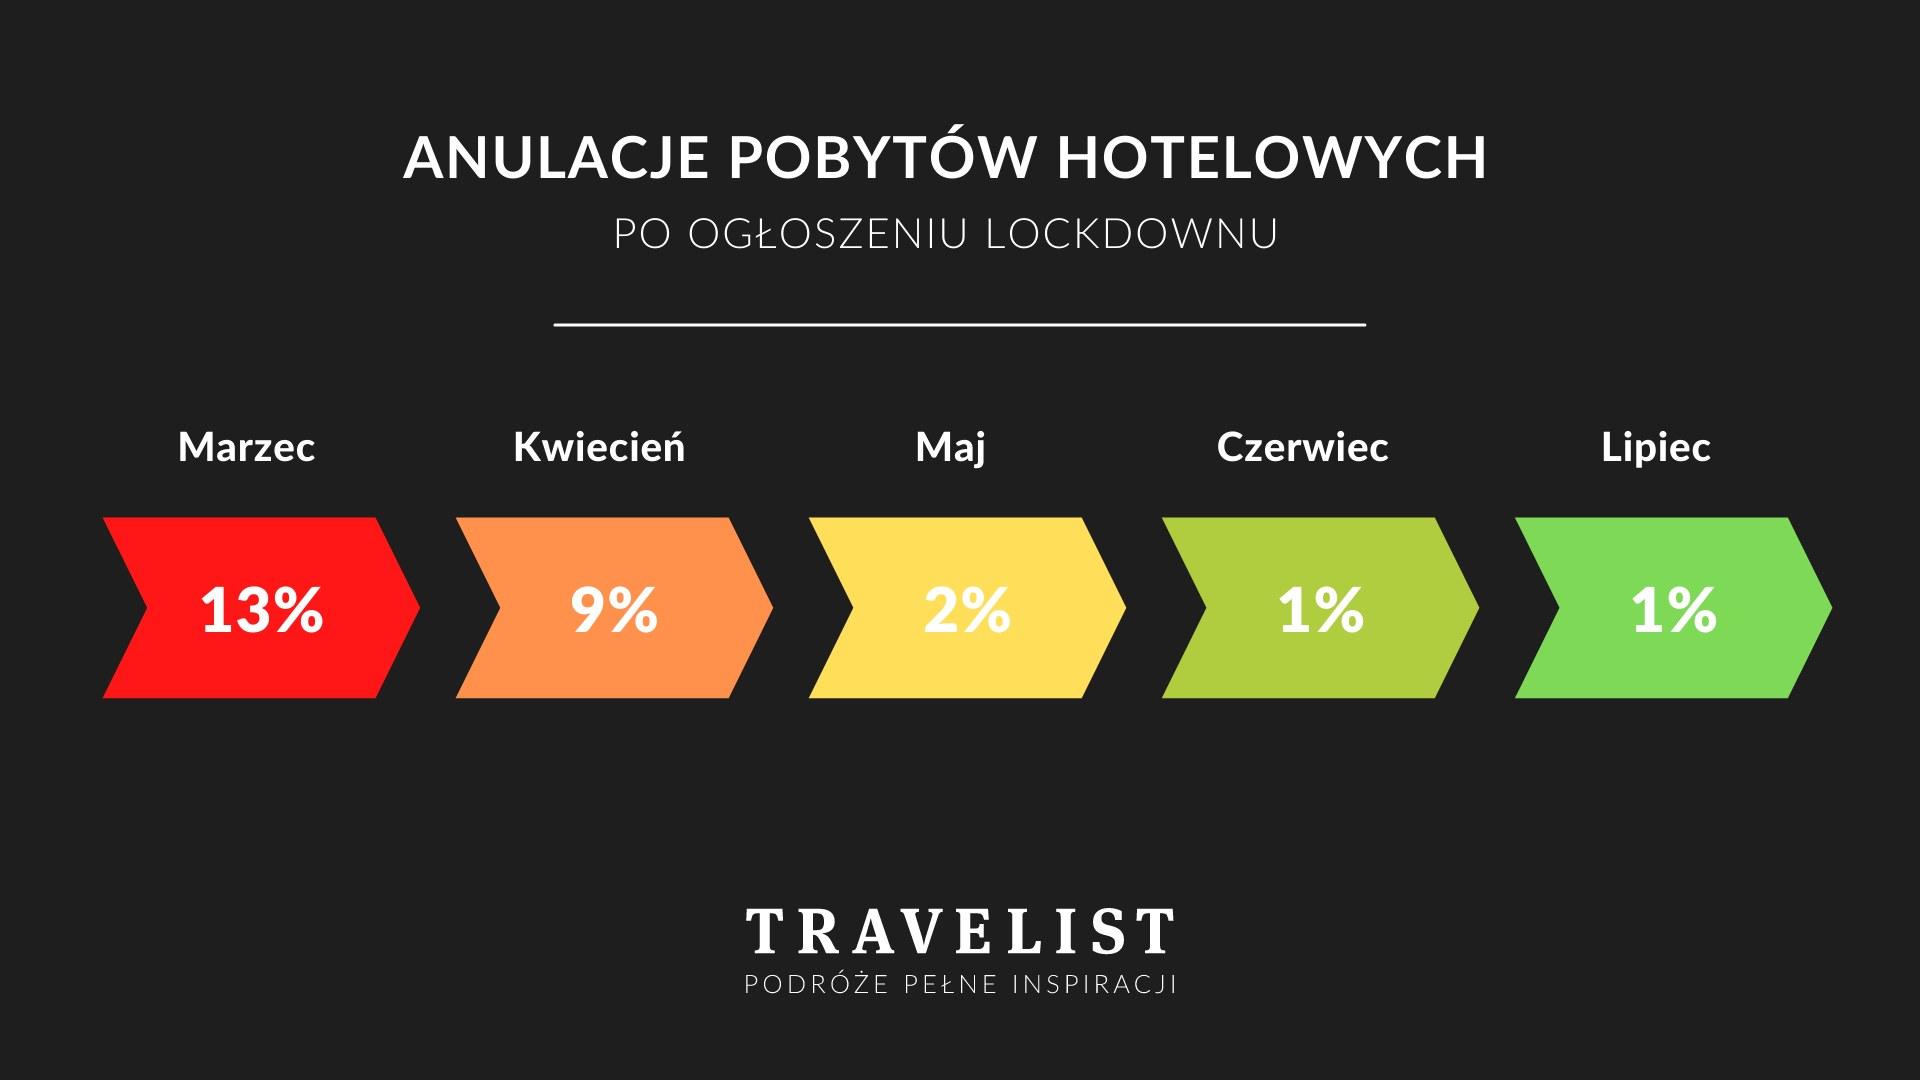 Polacy zmieniają terminy rezerwacji